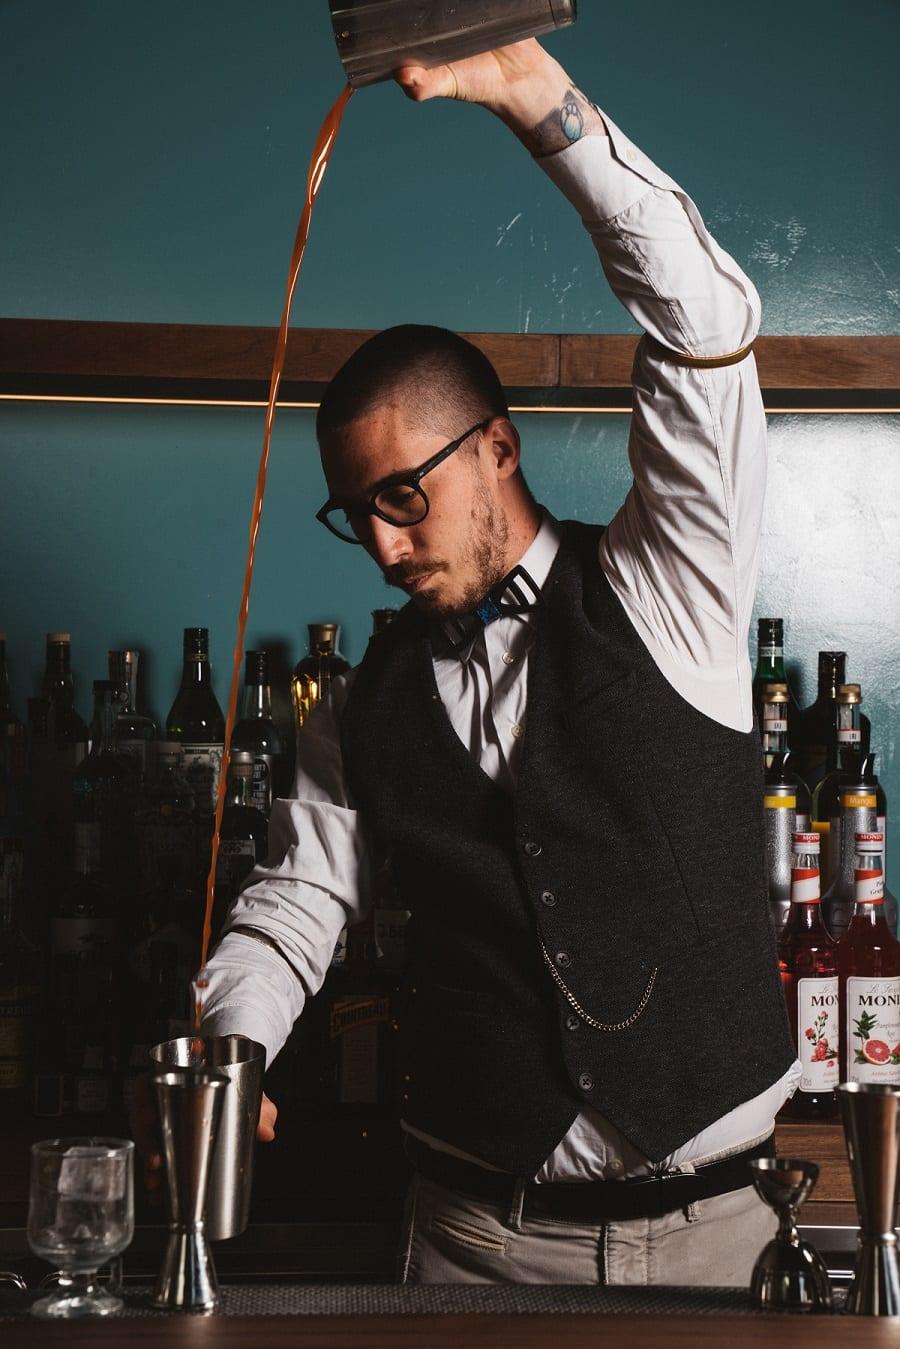 Il barman di Senza Pensieri al lavoro dietro al banco